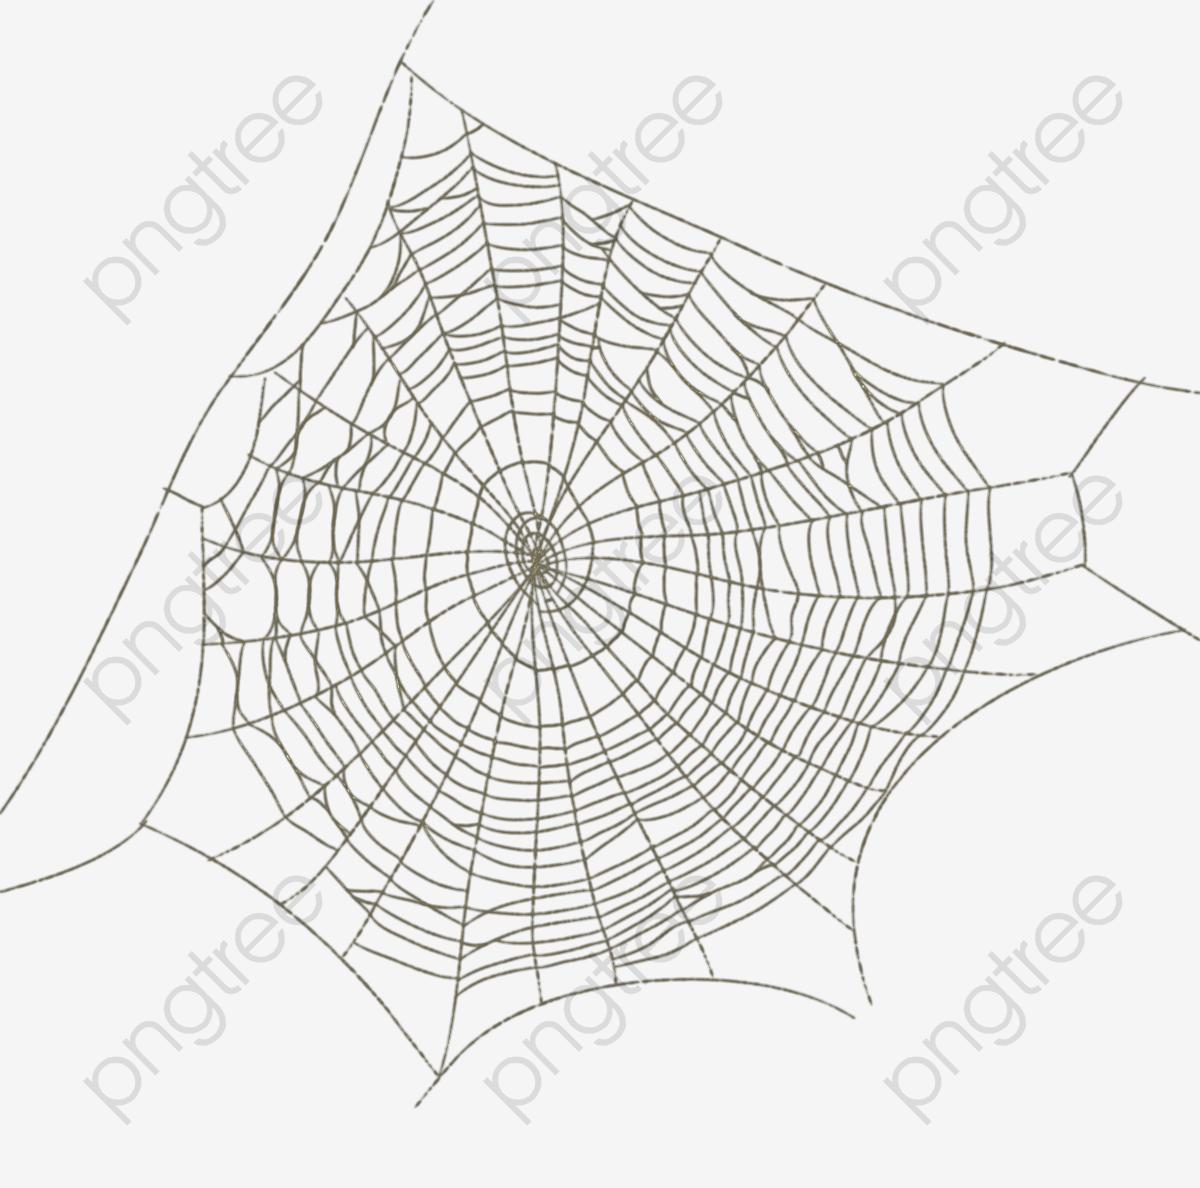 Fotos De Desenhos De Teia De Aranha De Teia De Aranha Sketch A